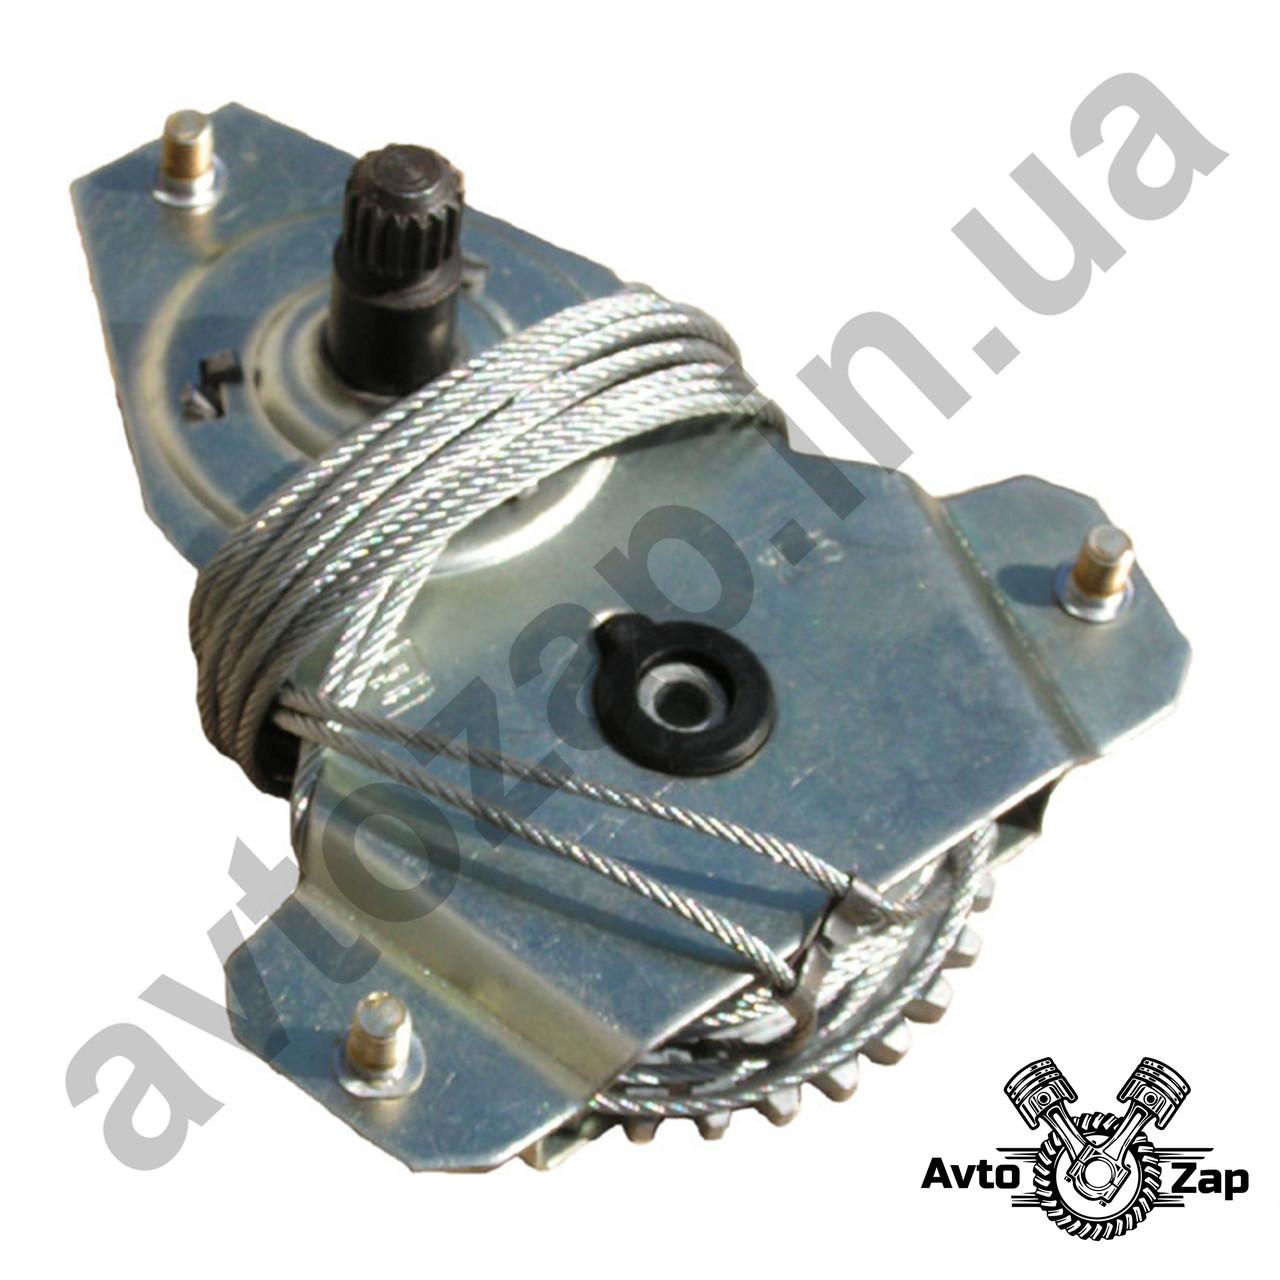 Стеклоподъемник  ВАЗ 2106 перед. тросового типа под электропривод (механизм).   03014